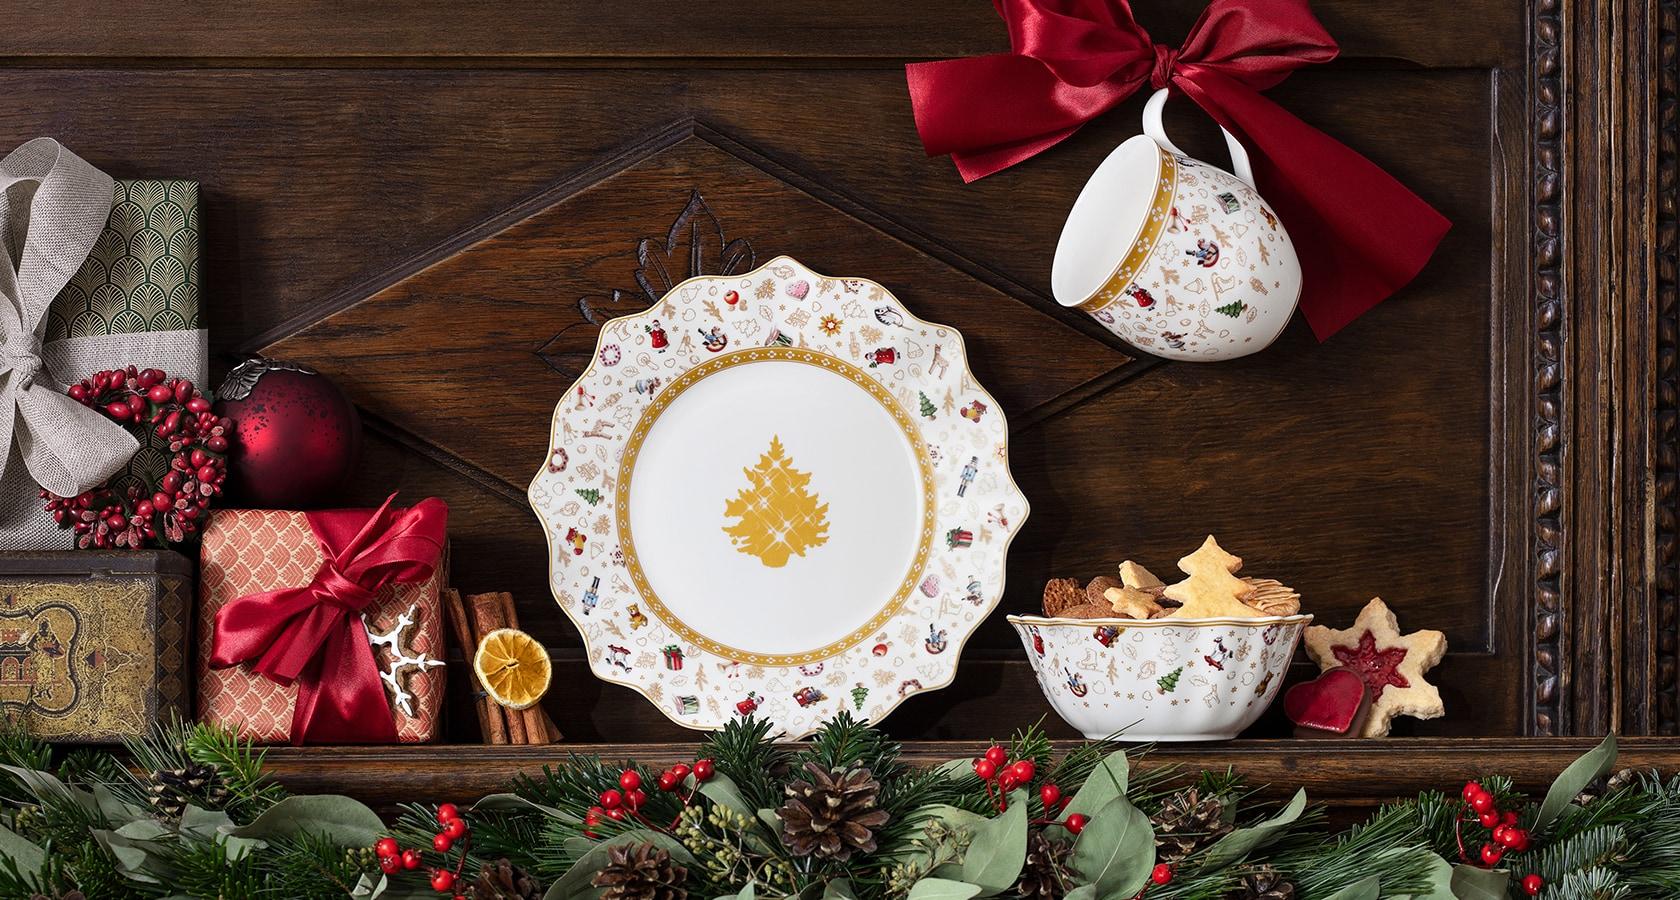 Addobbi Natale Villeroy Boch.Articoli Di Natale E Accessori Di Natale Di Villeroy Boch